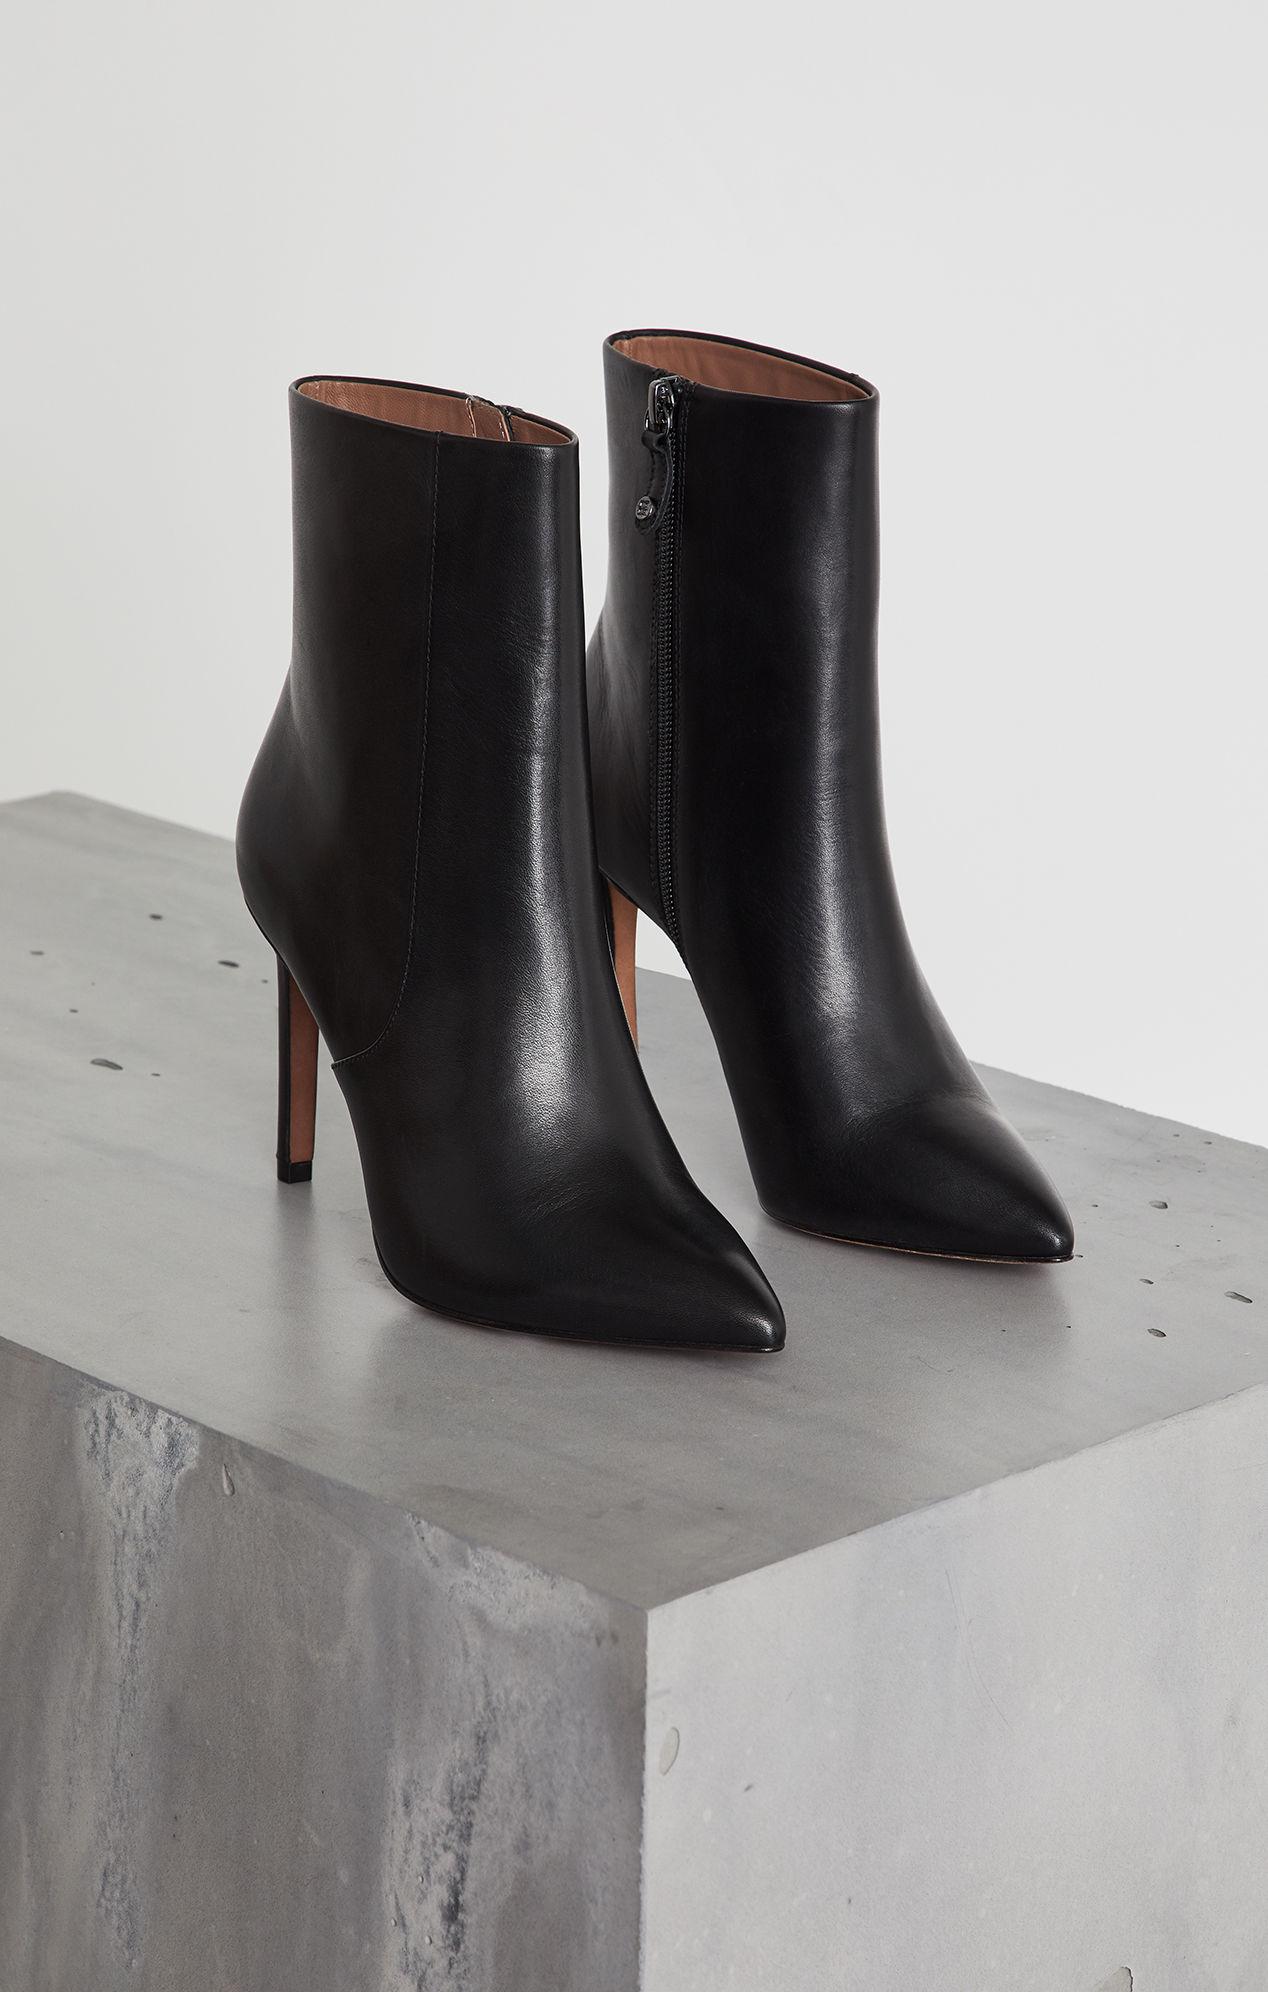 Ava Leather Stiletto Bootie - Black   BCBG.com   BCBG.com